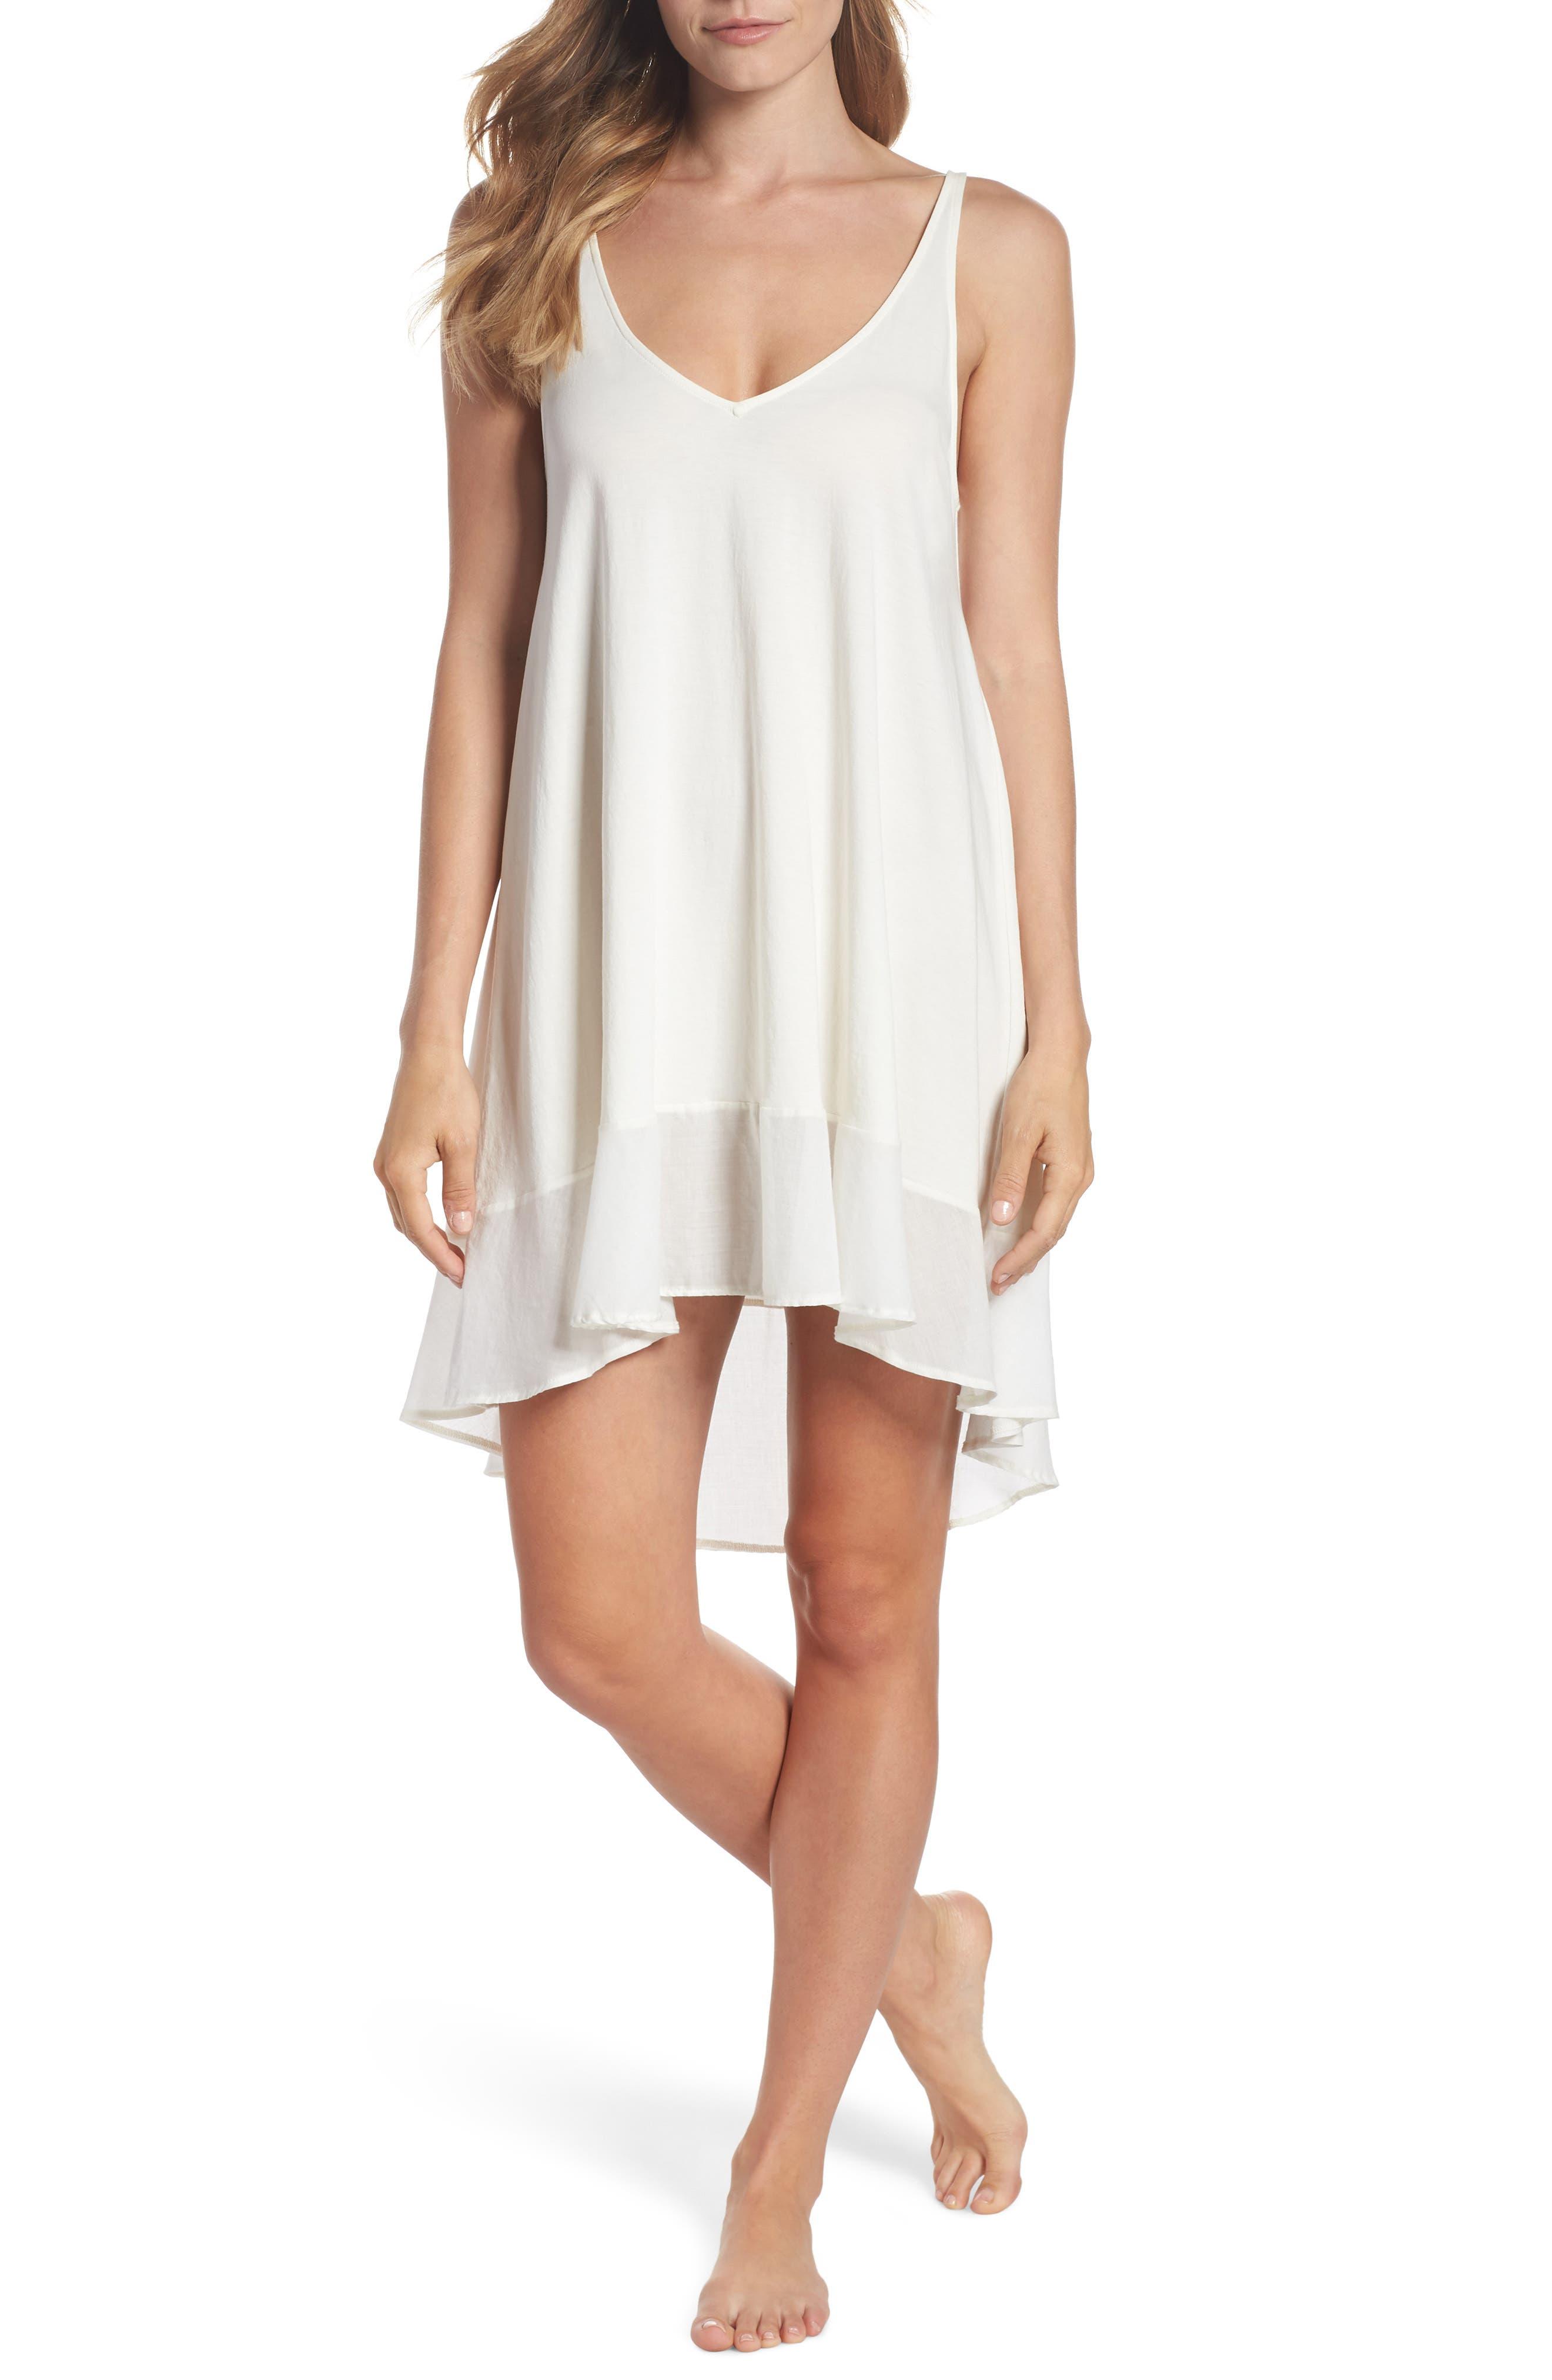 Bettina Pima Cotton Voile Nightgown,                         Main,                         color, 900